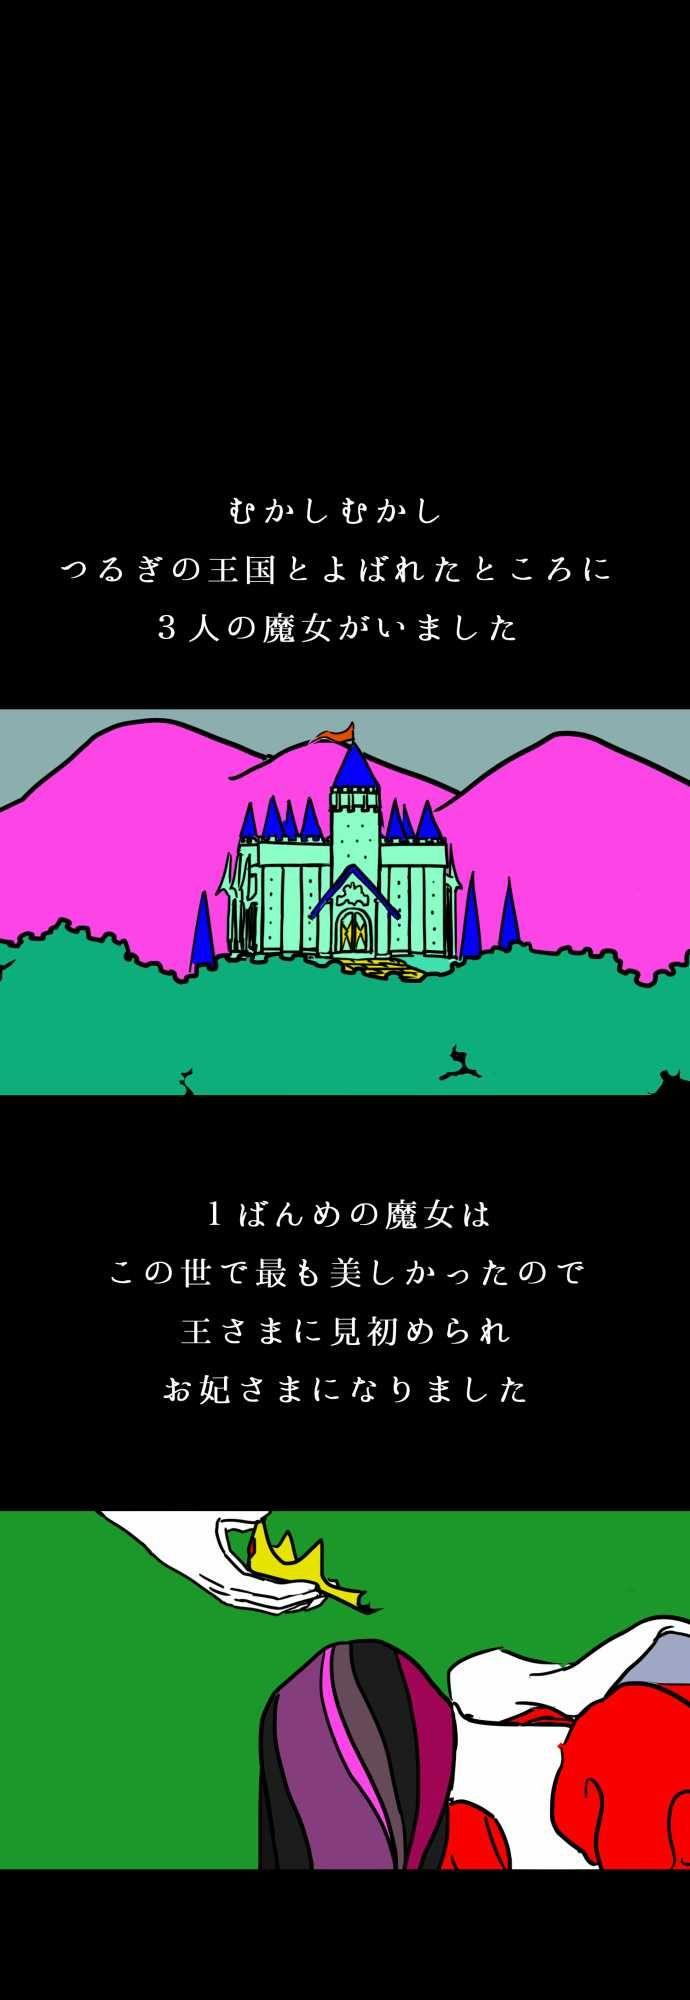 剣の王国(つるぎのおうこく) | 序篇 | yoruhashi - comico